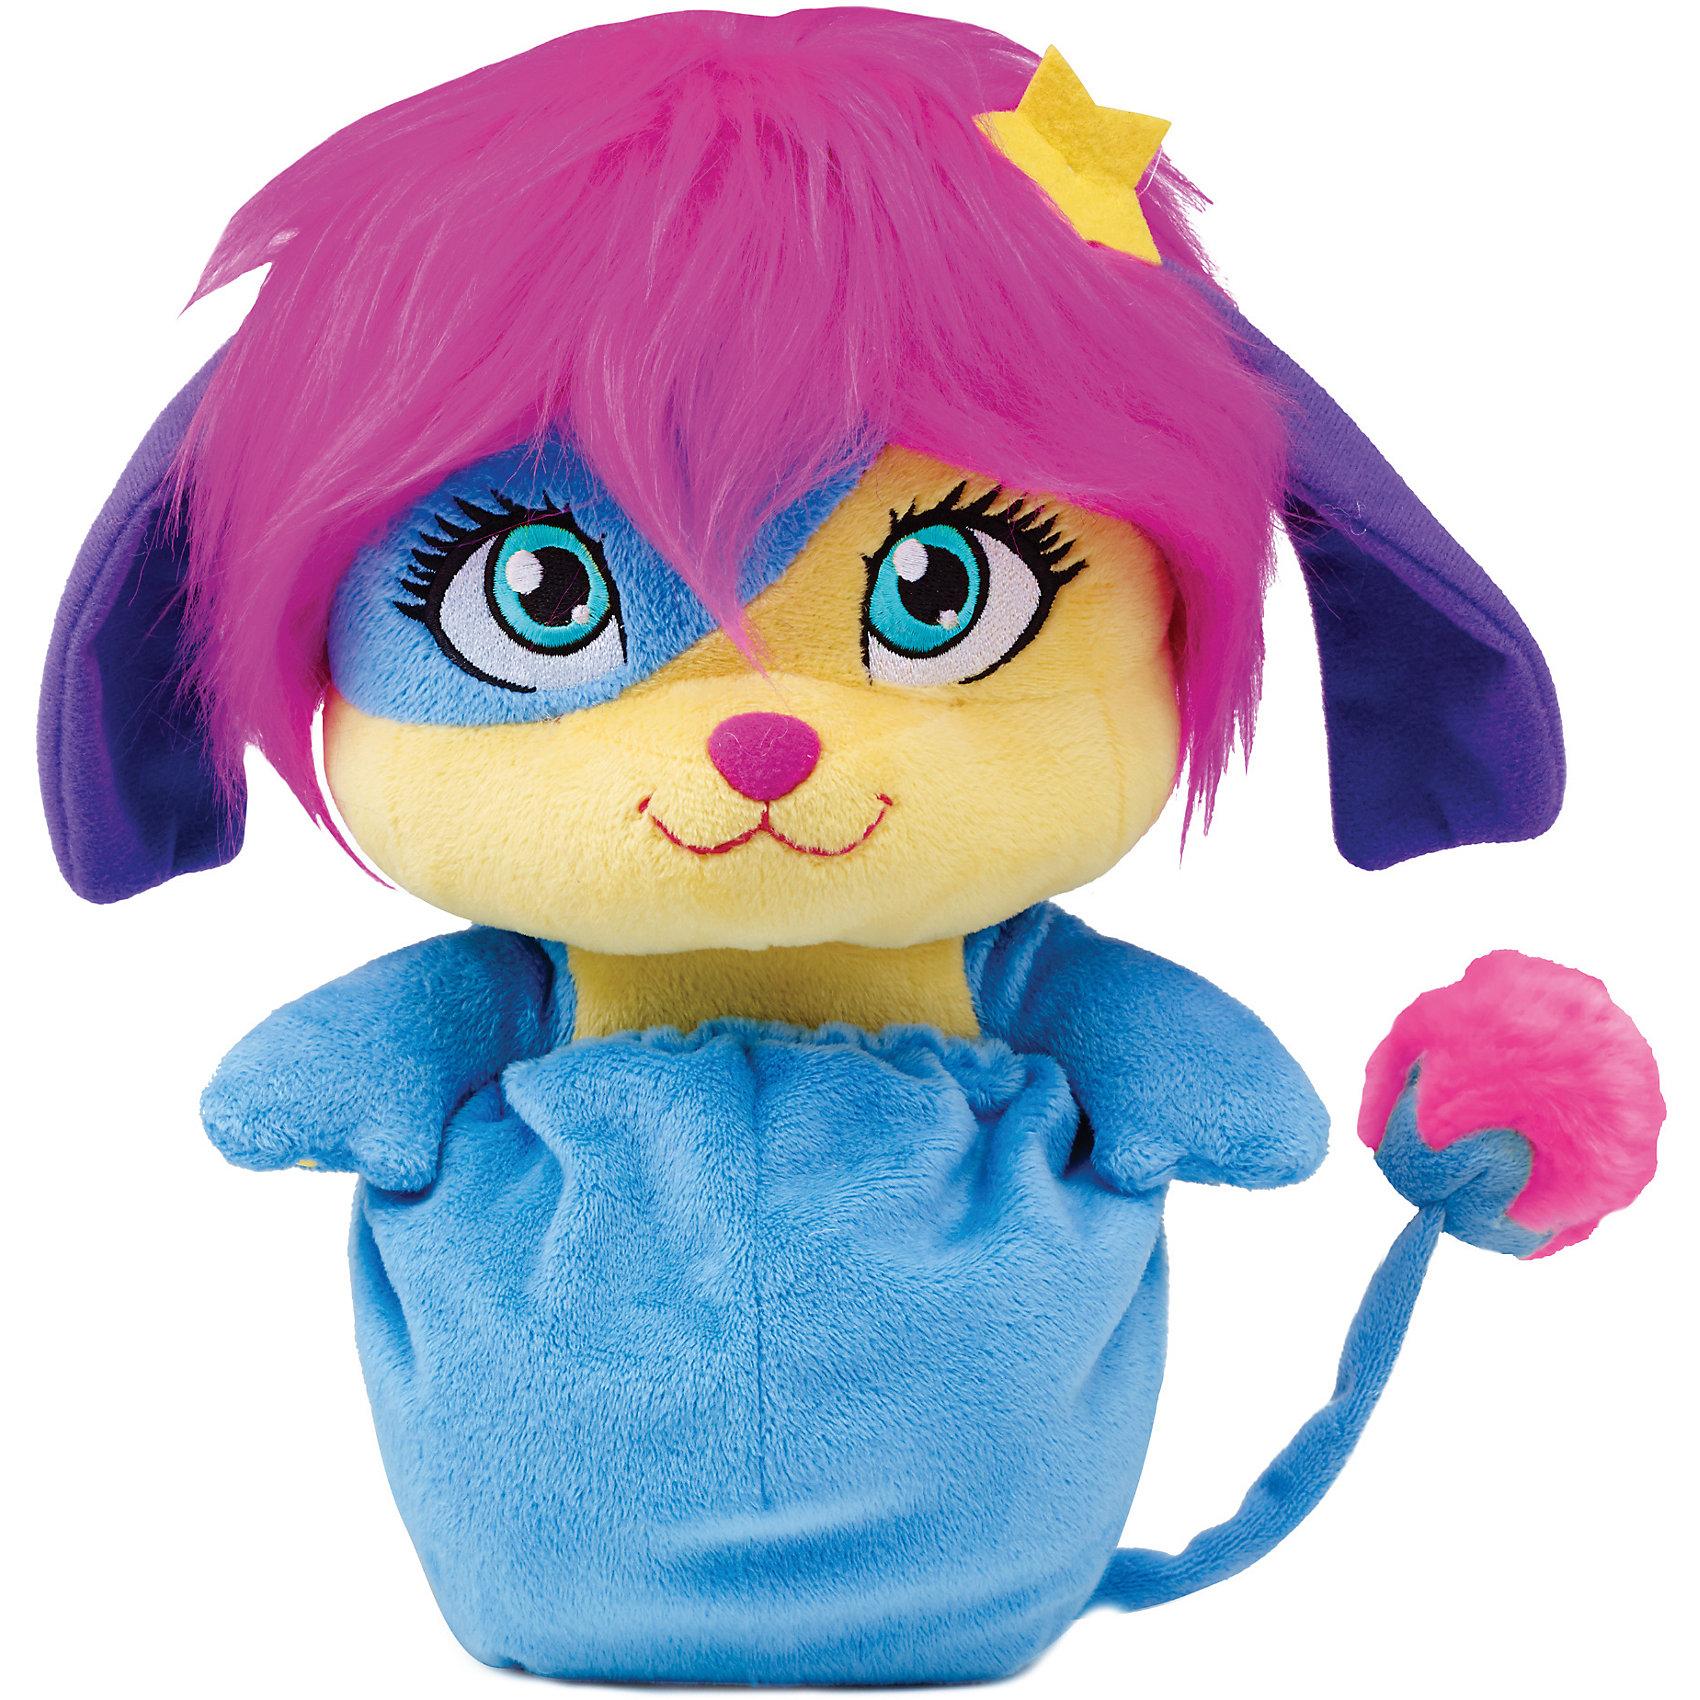 Мягкая игрушка Лулу, 20 см, сворачивается в шар, PopplesМягкие игрушки животные<br>Мягкая игрушка Лулу, 20 см, сворачивается в шар, Popples<br><br>Характеристика:<br><br>-Возраст: от 4 лет<br>-Для девочек <br>-Цвет: разноцветный<br>-Материал: плюш<br>-Размер: 20 см<br>-Марка: Popples<br><br>Мягкая игрушка Popples - это уникальная мягкая игрушка для детей. Игрушка по имени Лулу яркая и веселая. Самое интересное то, что она имеет небольшой кармашек, что позволяет превратить игрушку в небольшой шар. Благодаря этому ее легко брать на прогулку или в путешествие.<br><br>Мягкая игрушка Лулу, 20 см, сворачивается в шар, Popples можно приобрести в нашем интернет-магазине.<br><br>Ширина мм: 80<br>Глубина мм: 230<br>Высота мм: 100<br>Вес г: 310<br>Возраст от месяцев: 36<br>Возраст до месяцев: 2147483647<br>Пол: Женский<br>Возраст: Детский<br>SKU: 5301639